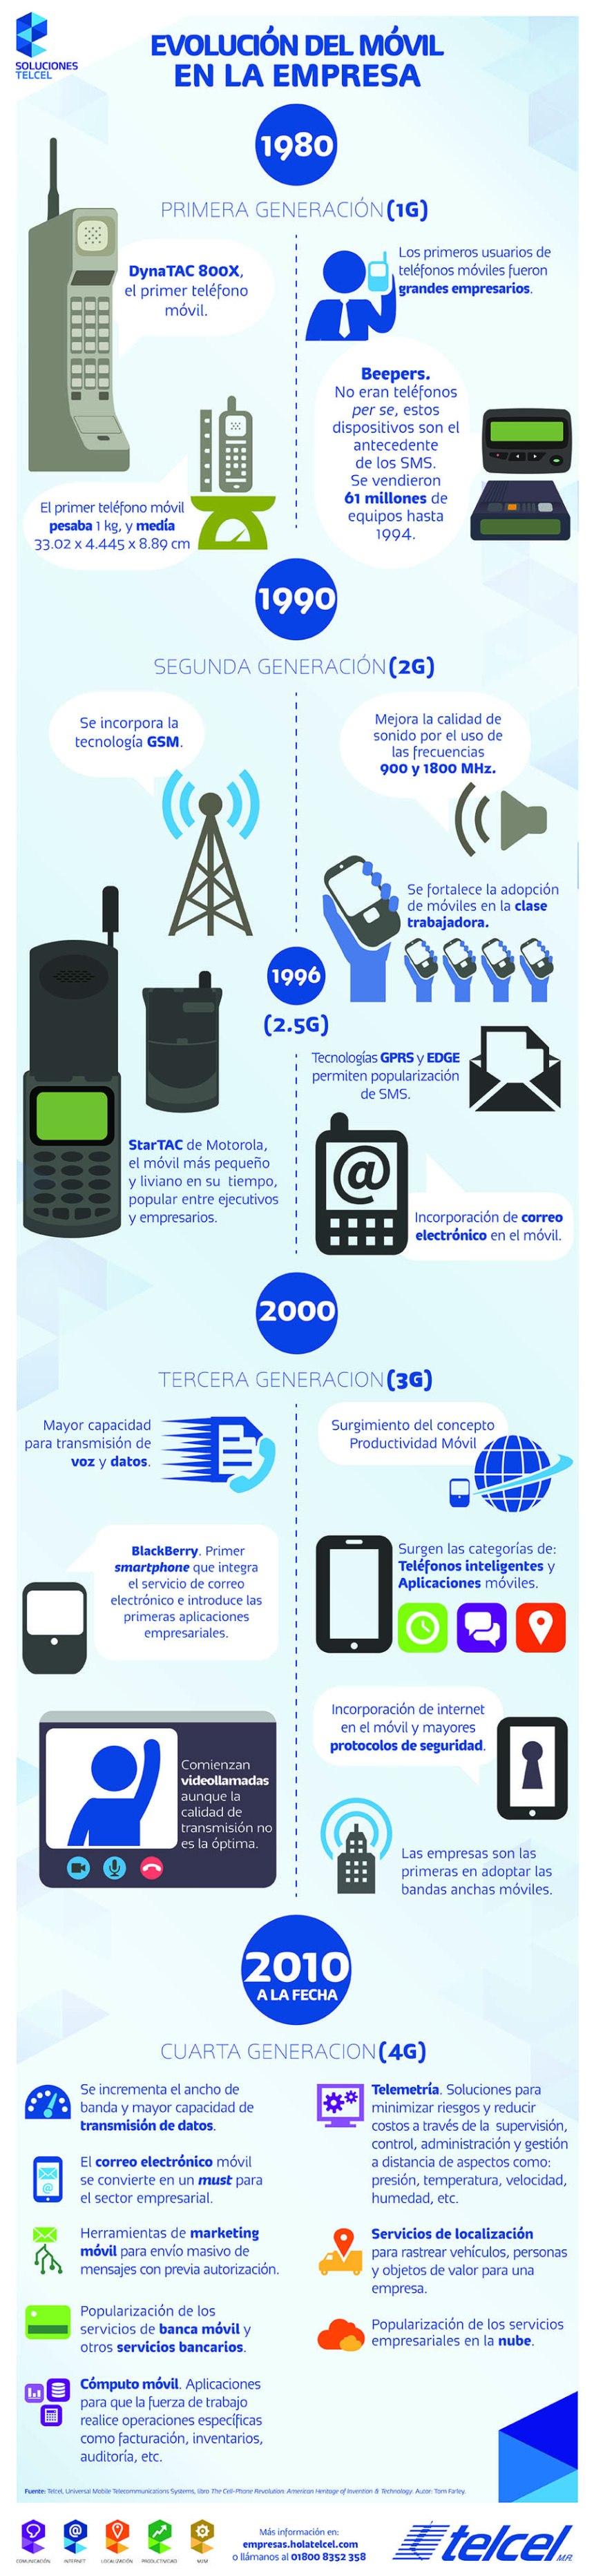 Evolución del móvil en la empresa